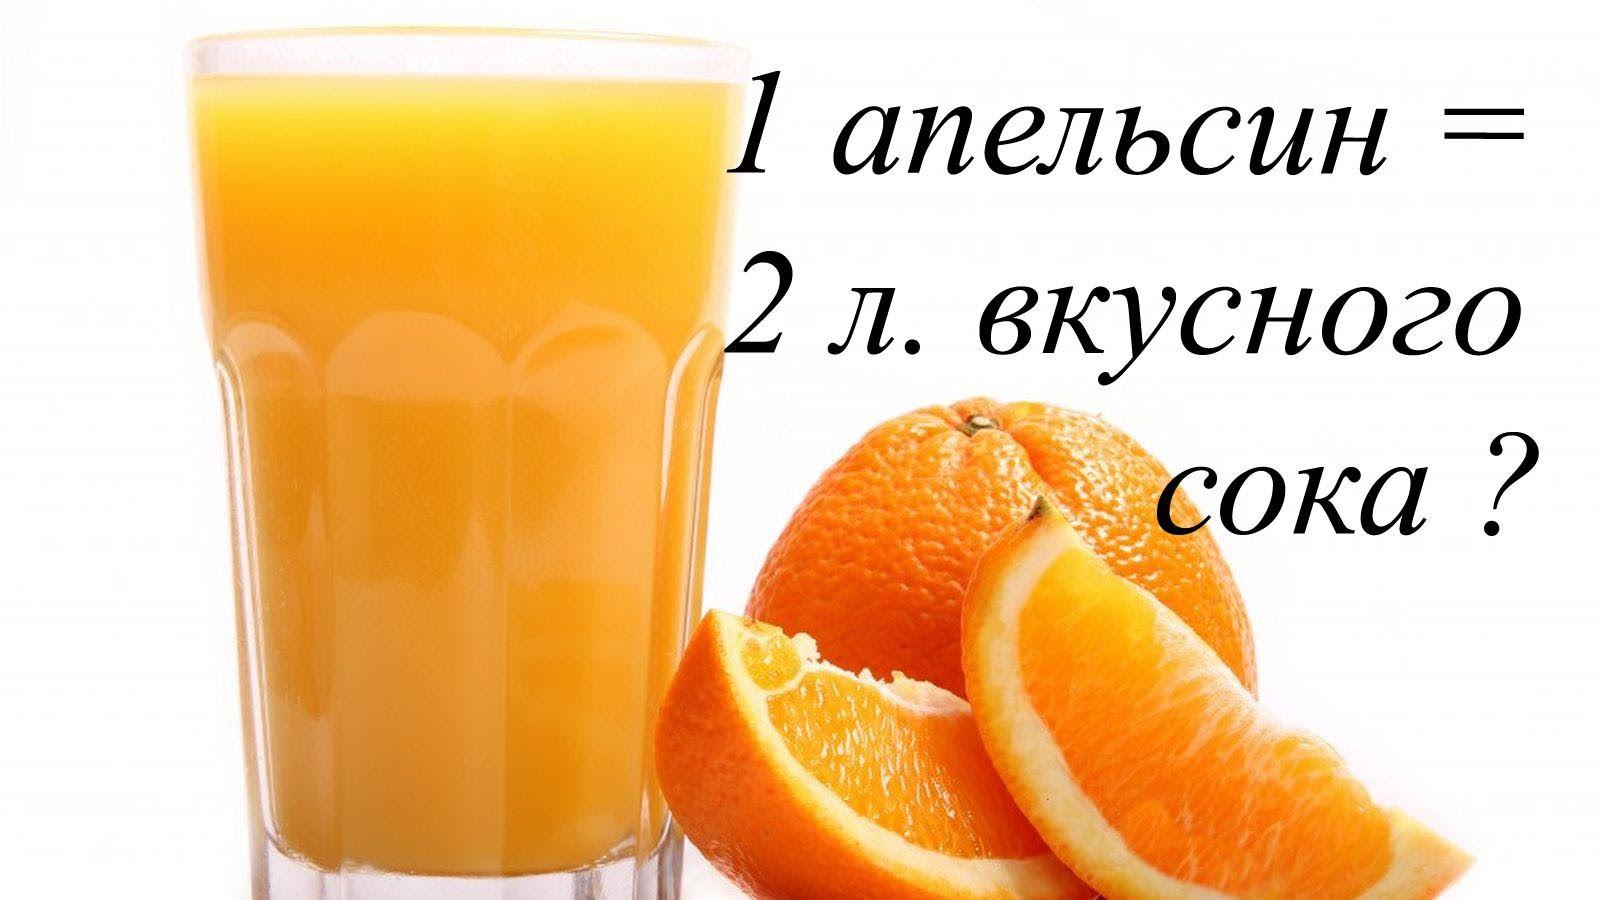 Как сделать 1 литр сока 979